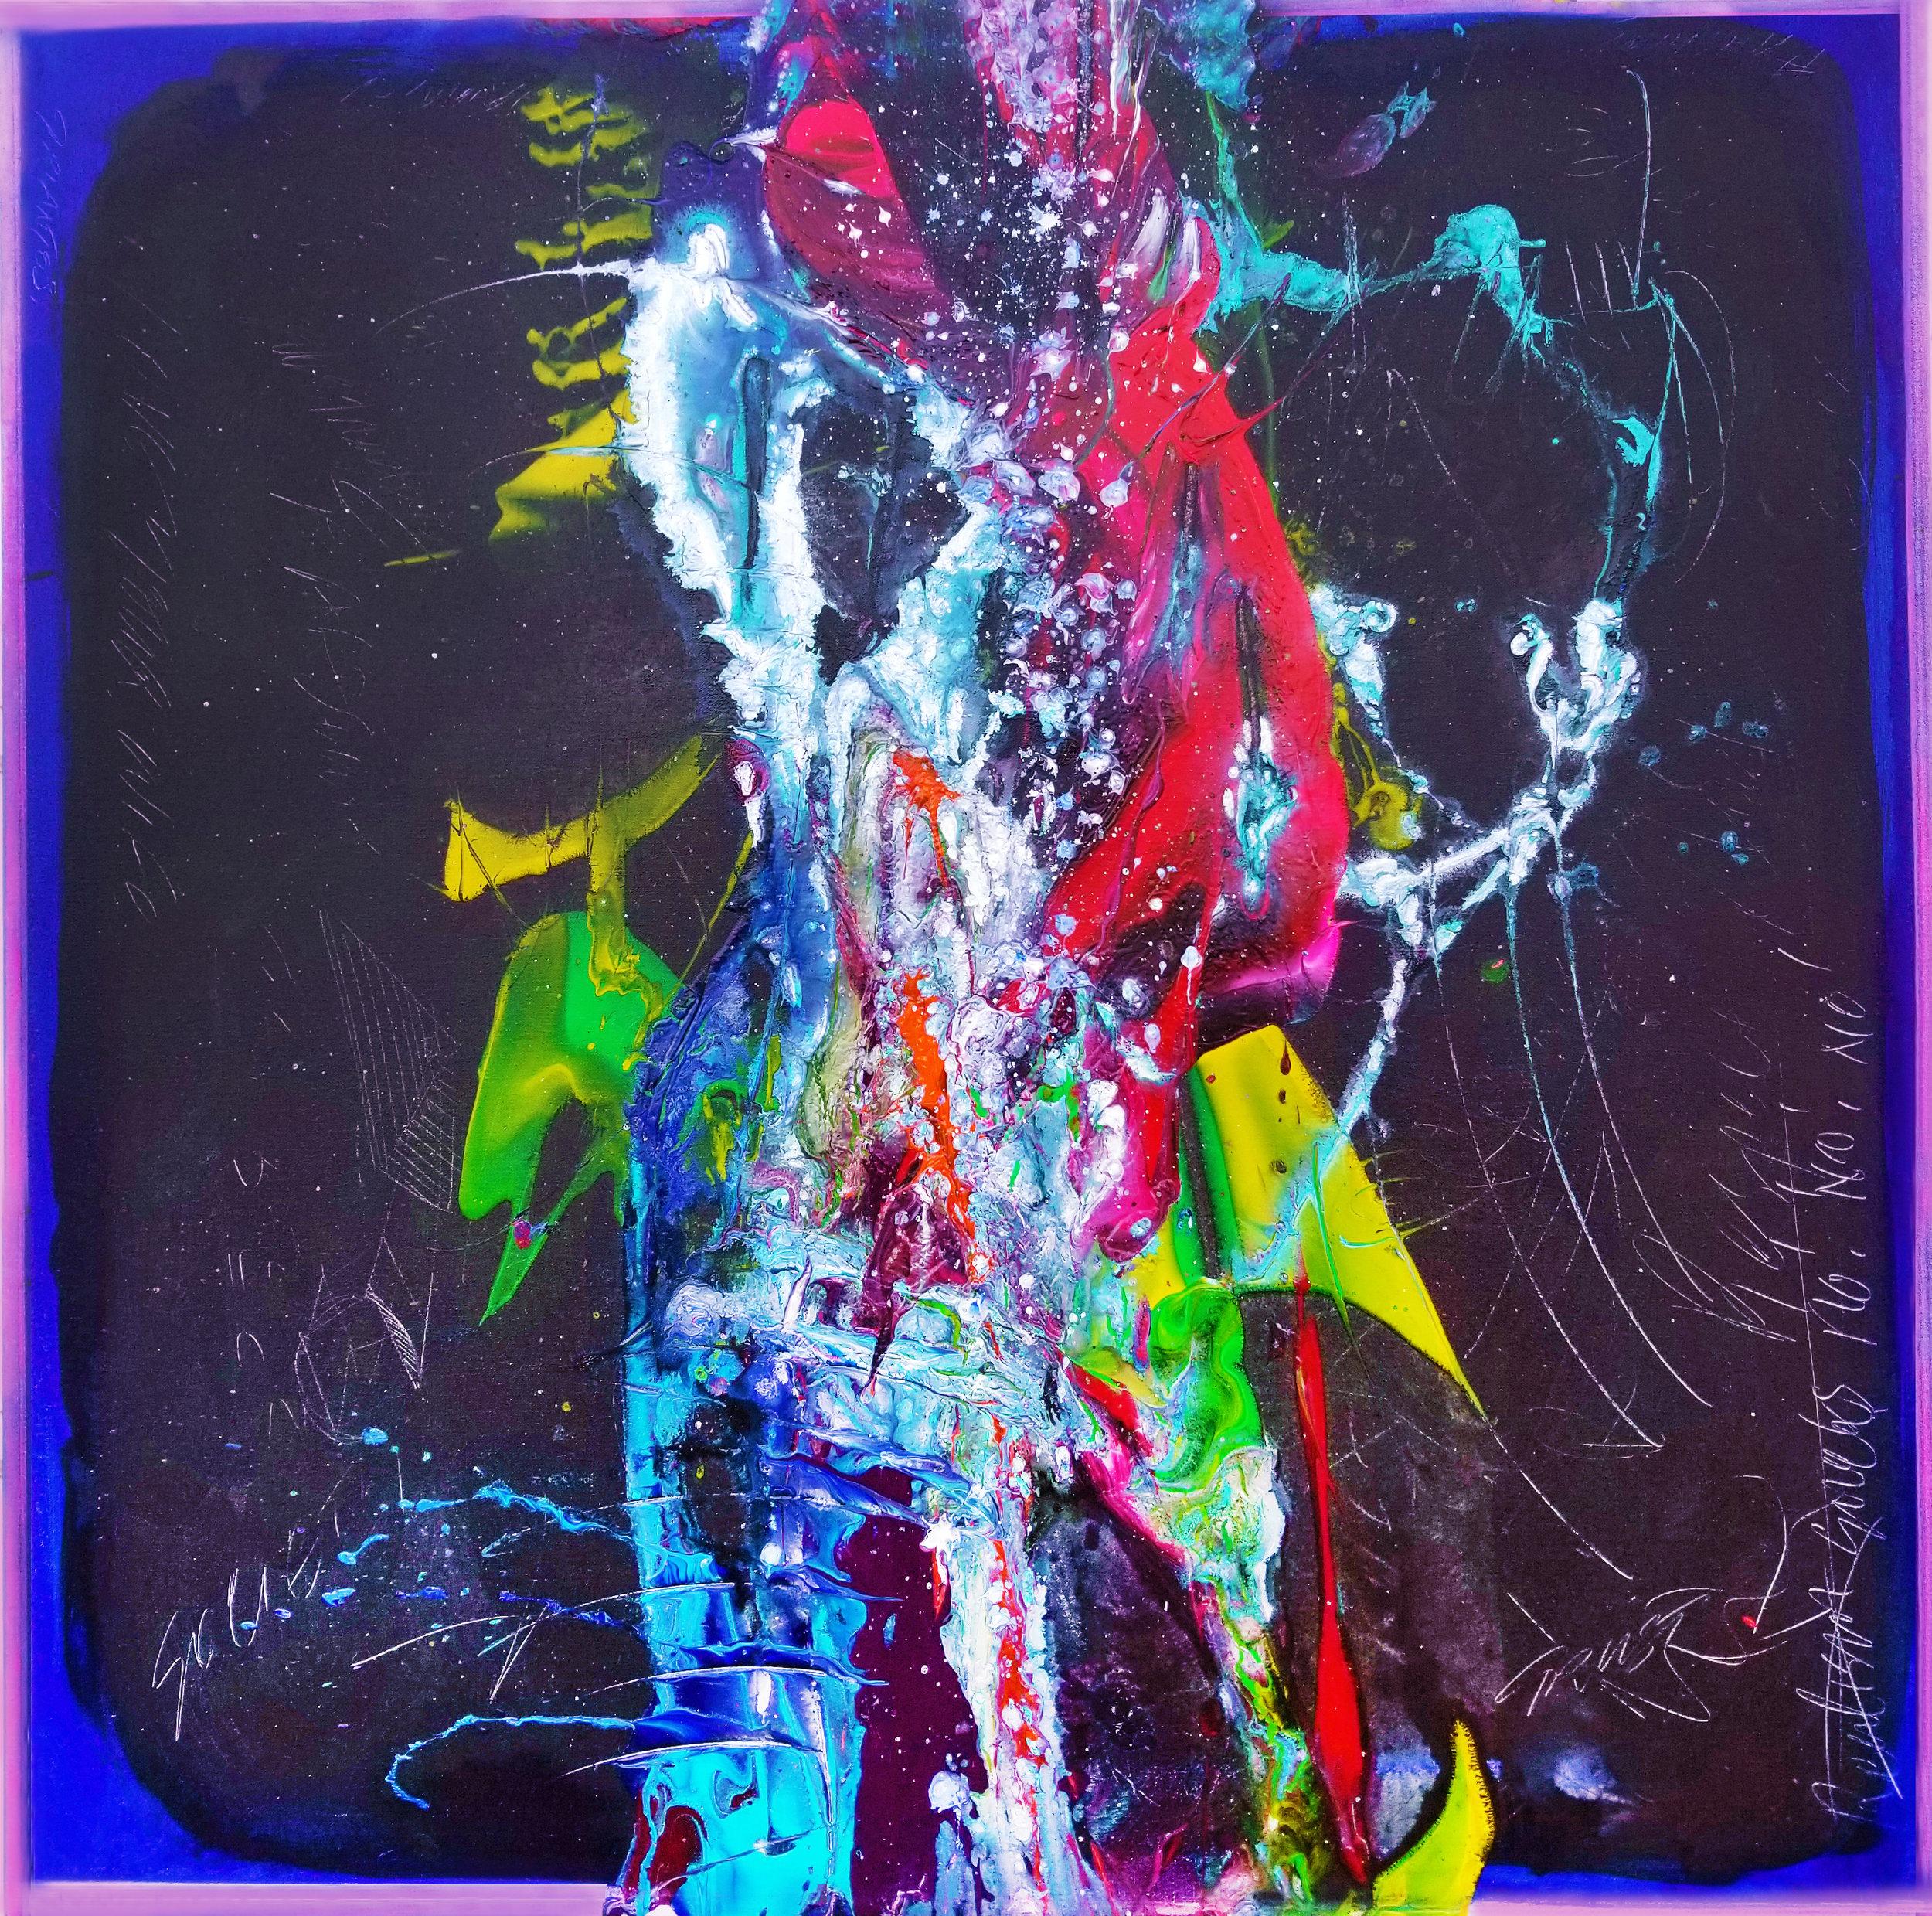 """SP² #8, 2017, acrylic on canvas, 48"""" x 48"""" (122 x 122 cm)"""